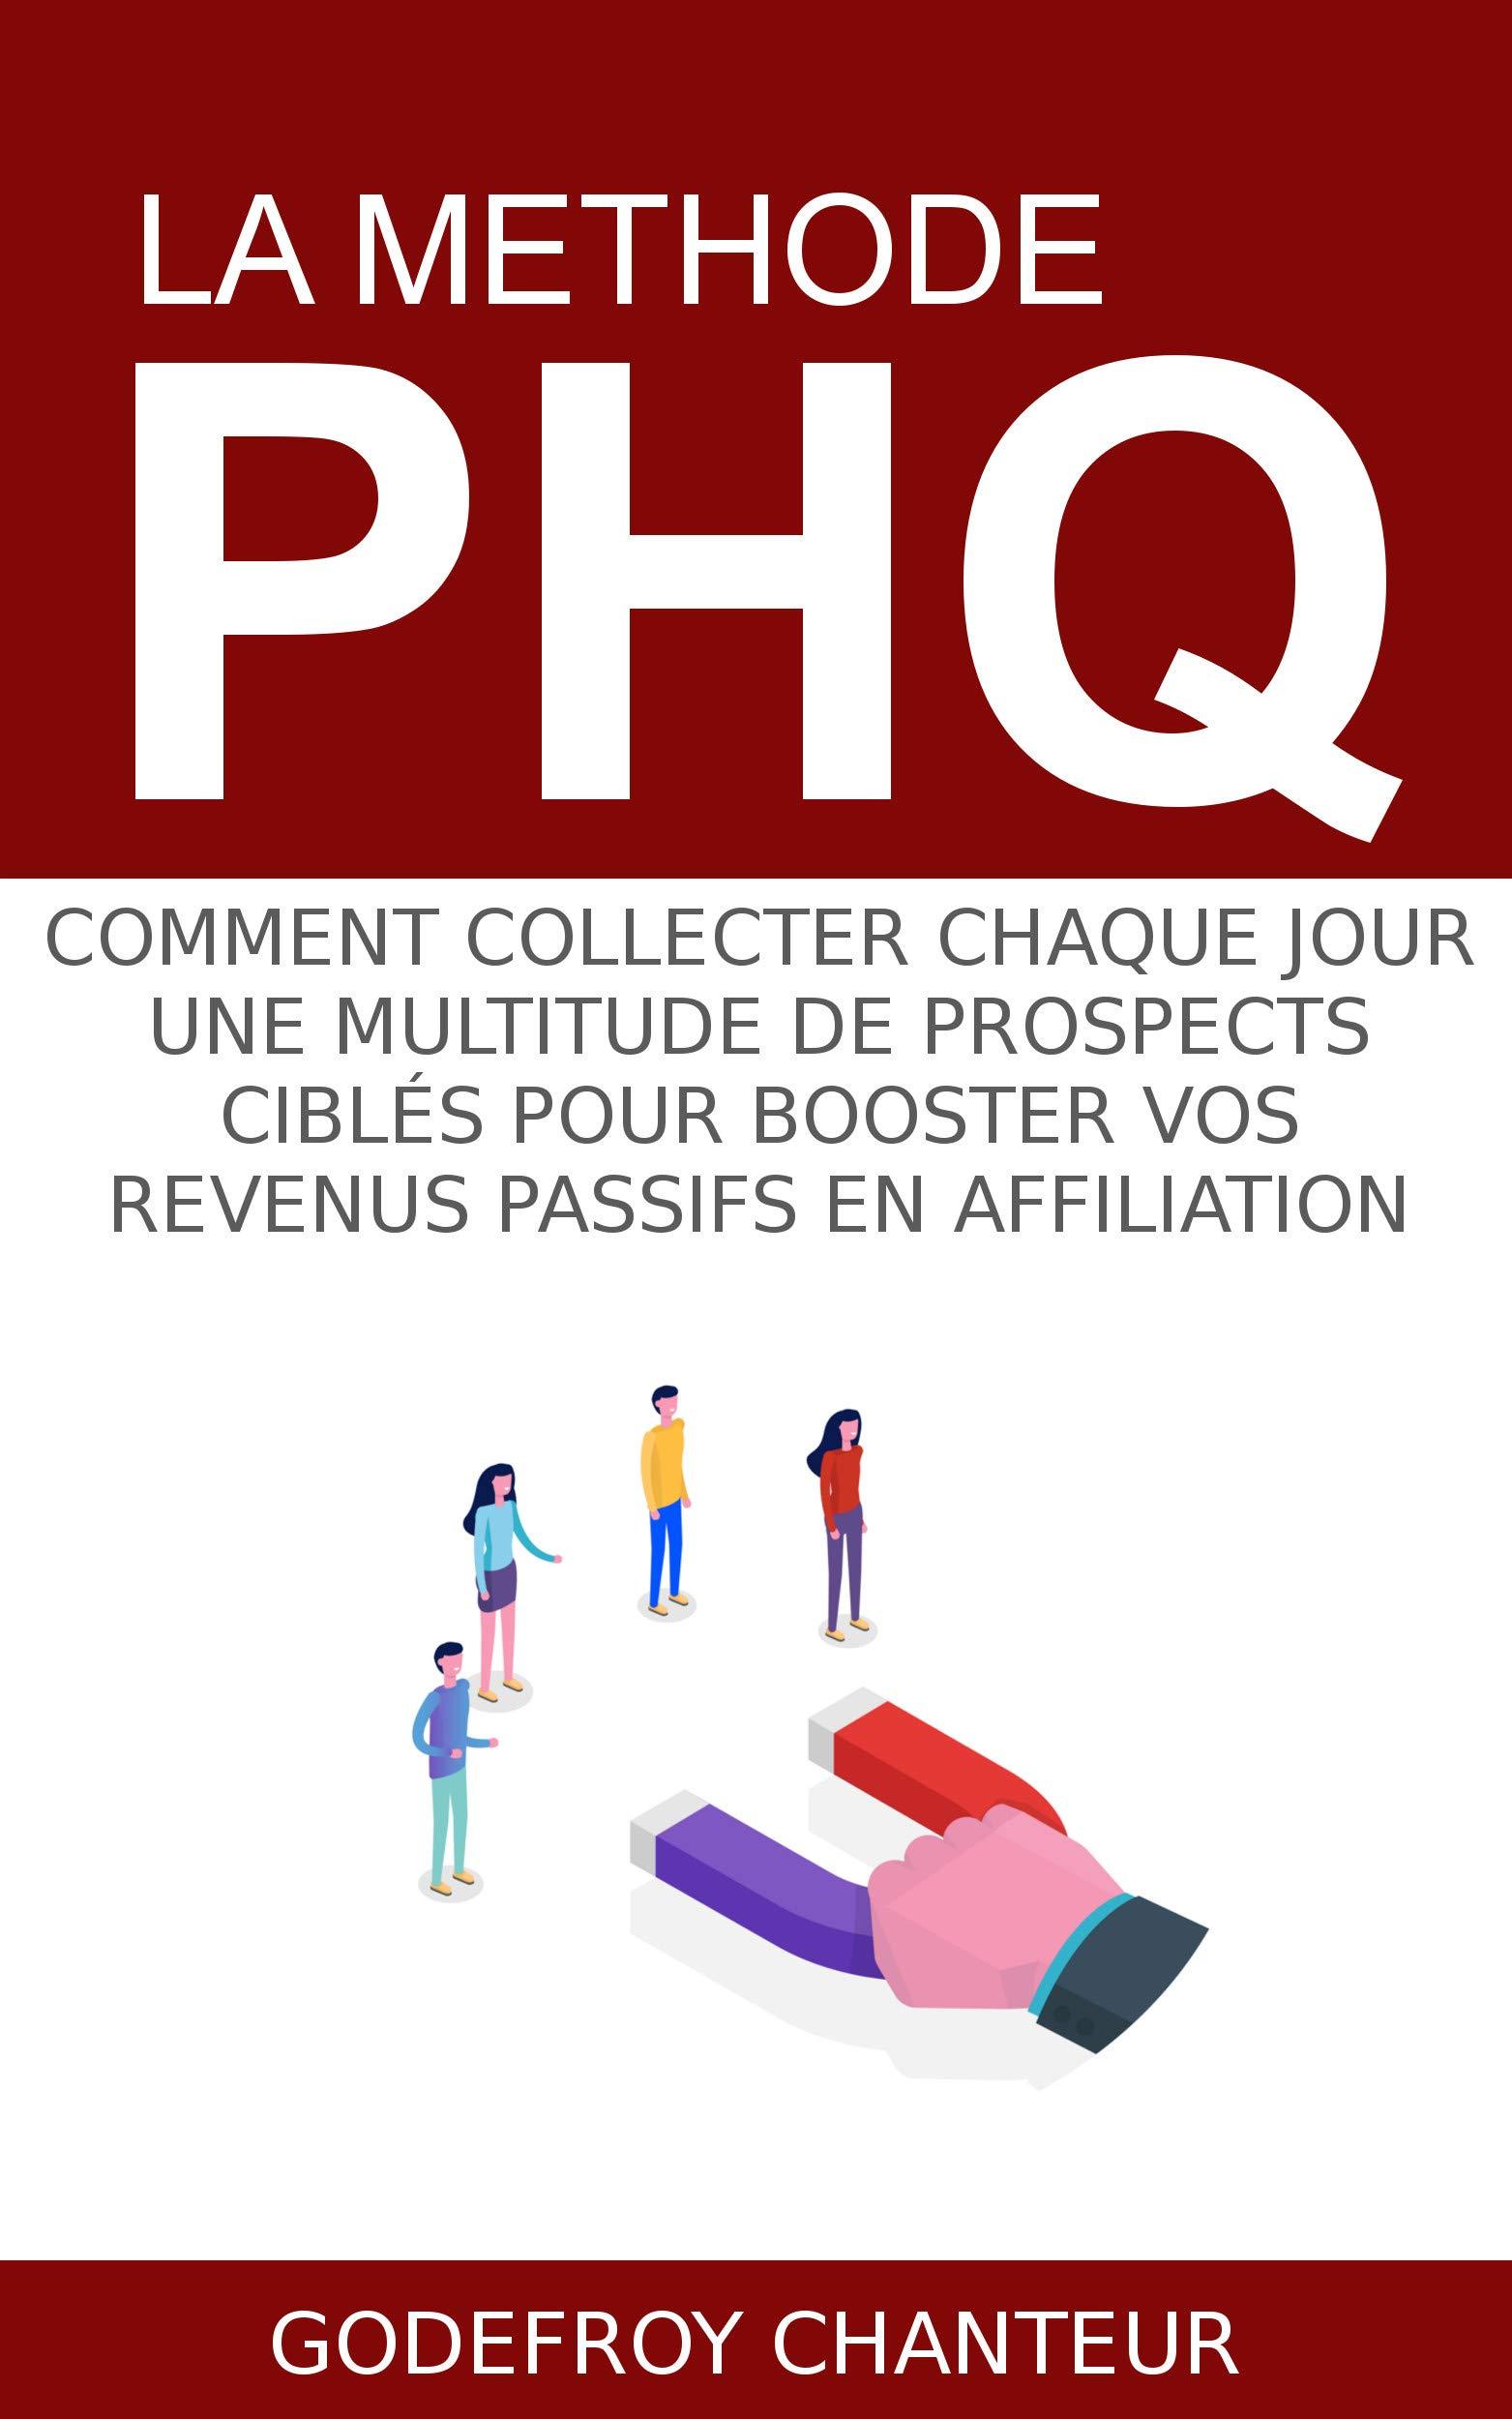 La Methode PHQ: Comment collecter chaque jour une multitude de prospects ciblés pour booster vos revenus passifs en affiliation (French Edition)